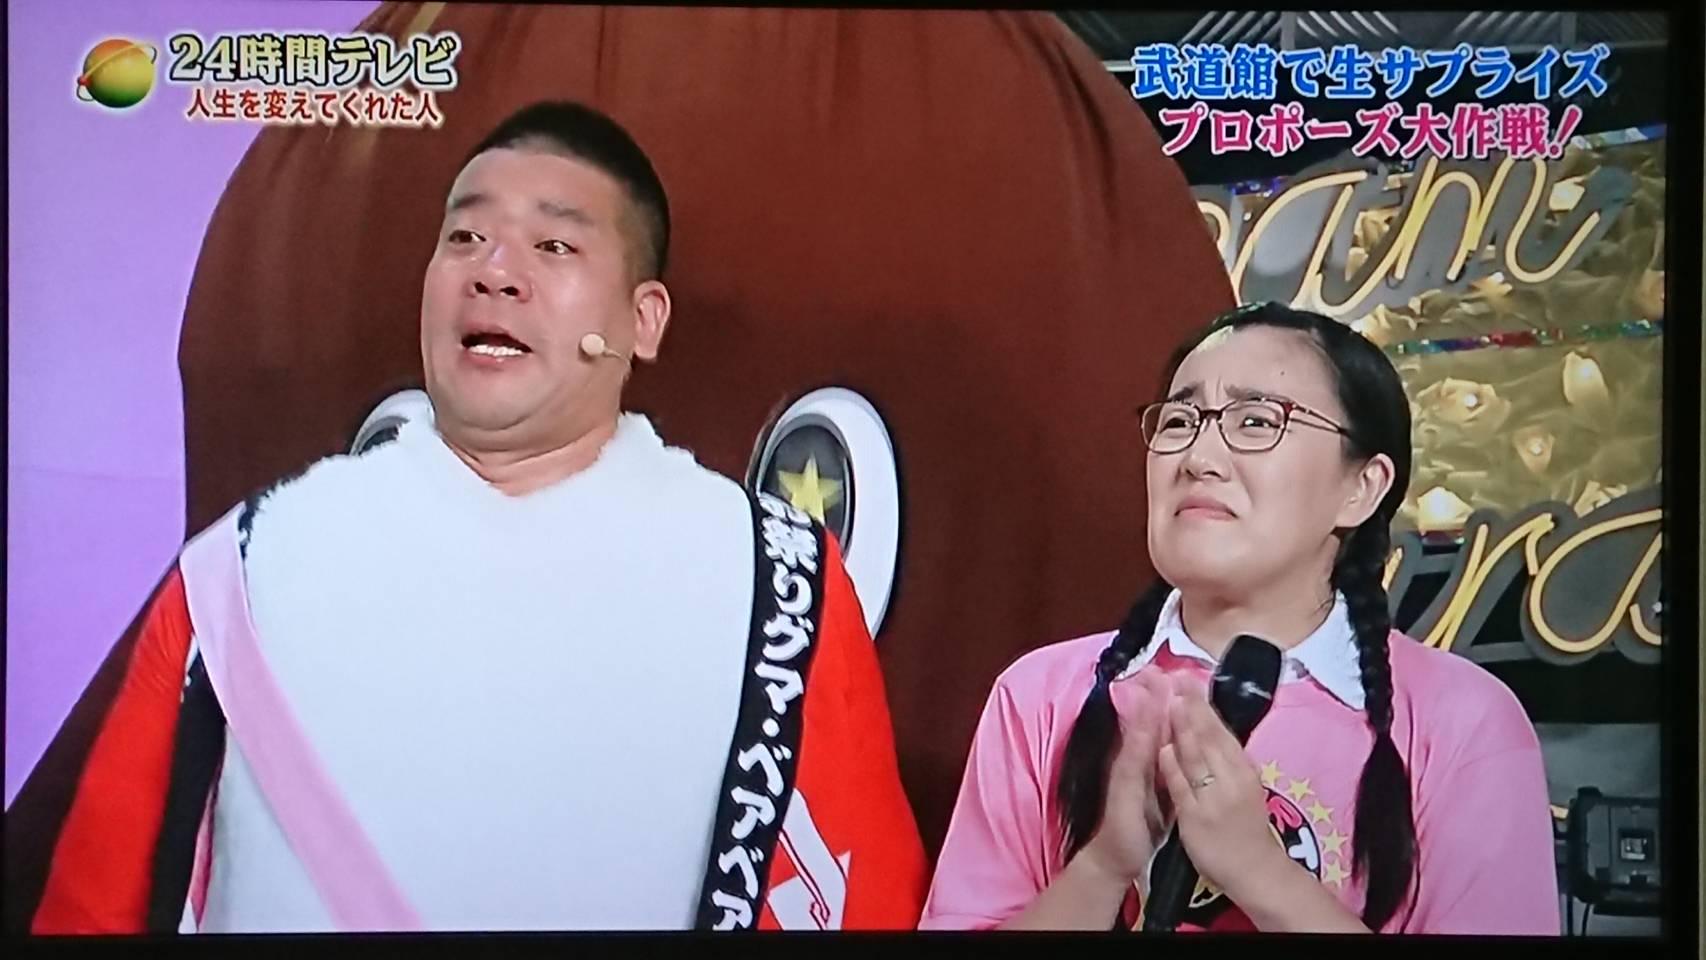 チェリー吉武って誰?彼女たんぽぽ白鳥に生プロポーズで結婚!?【24時間TV】